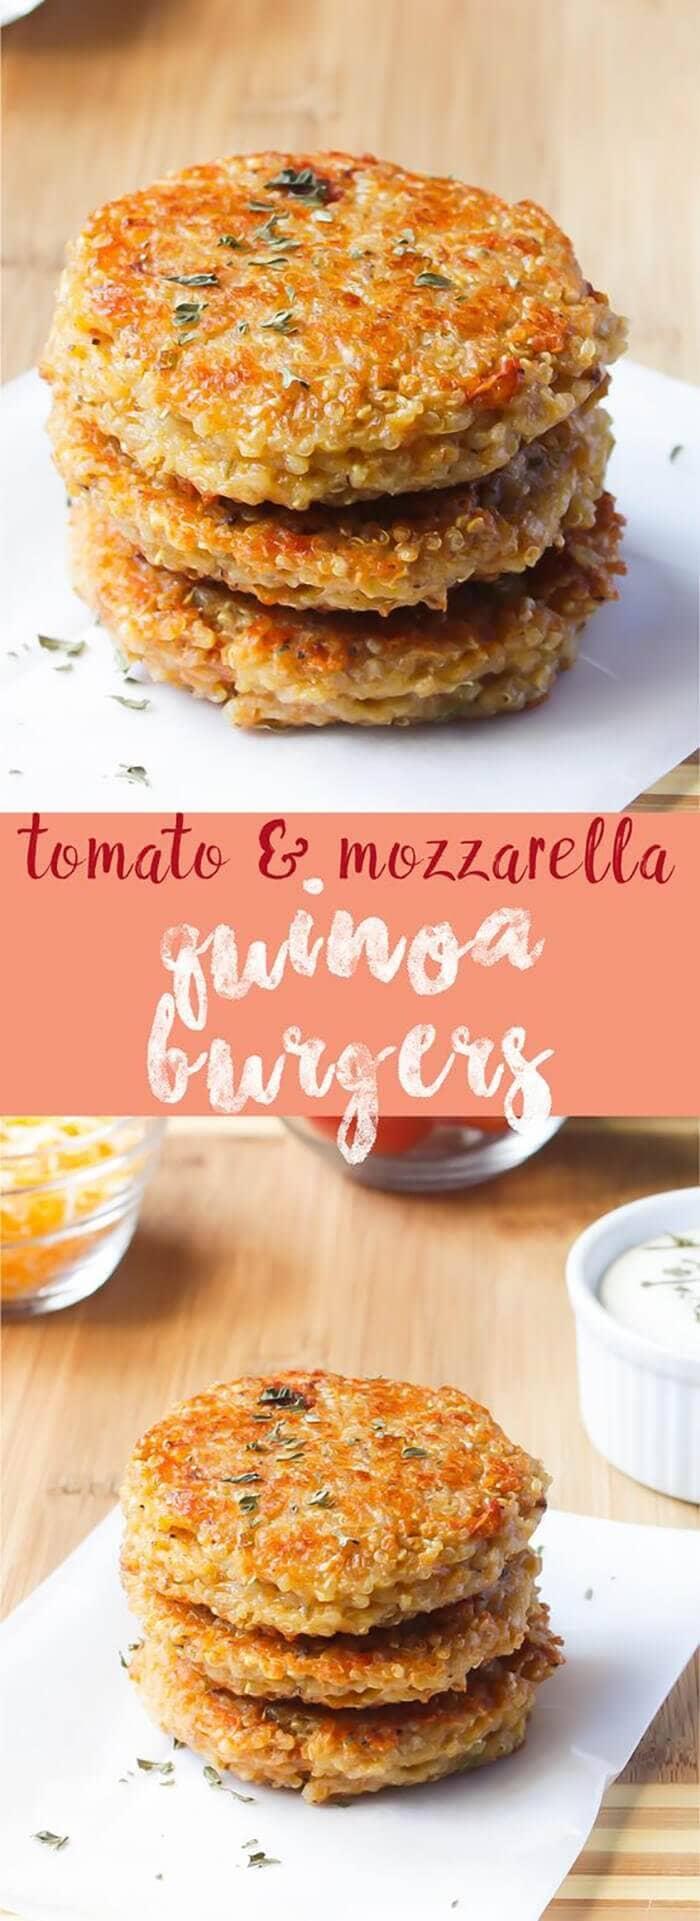 Sun Dried Tomato and Mozzarella Quinoa Burger